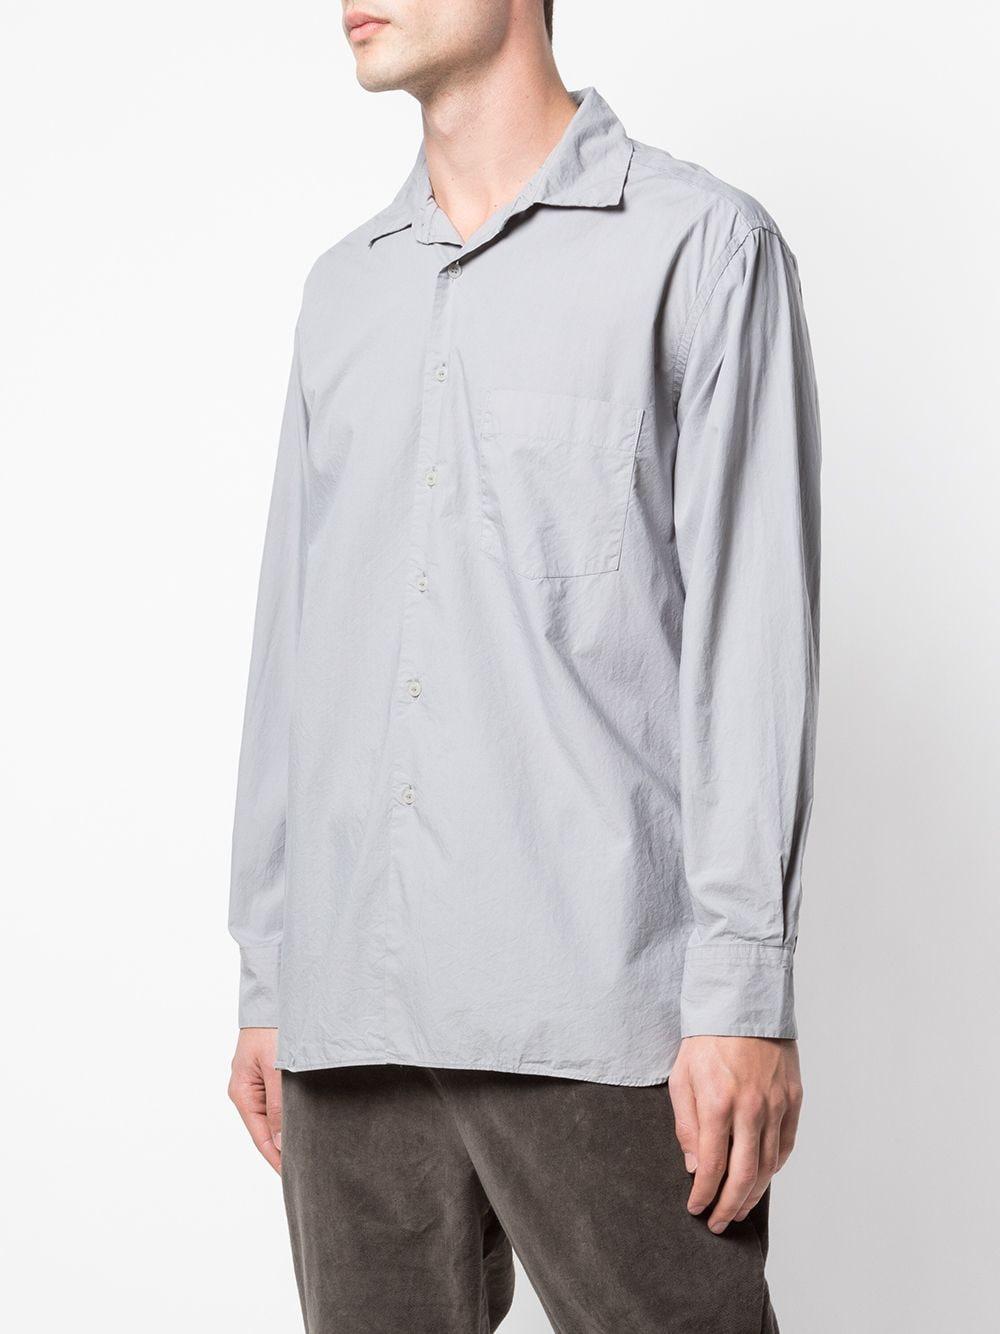 Casey Casey Katoen Overhemd Met Borstzak in het Grijs voor heren